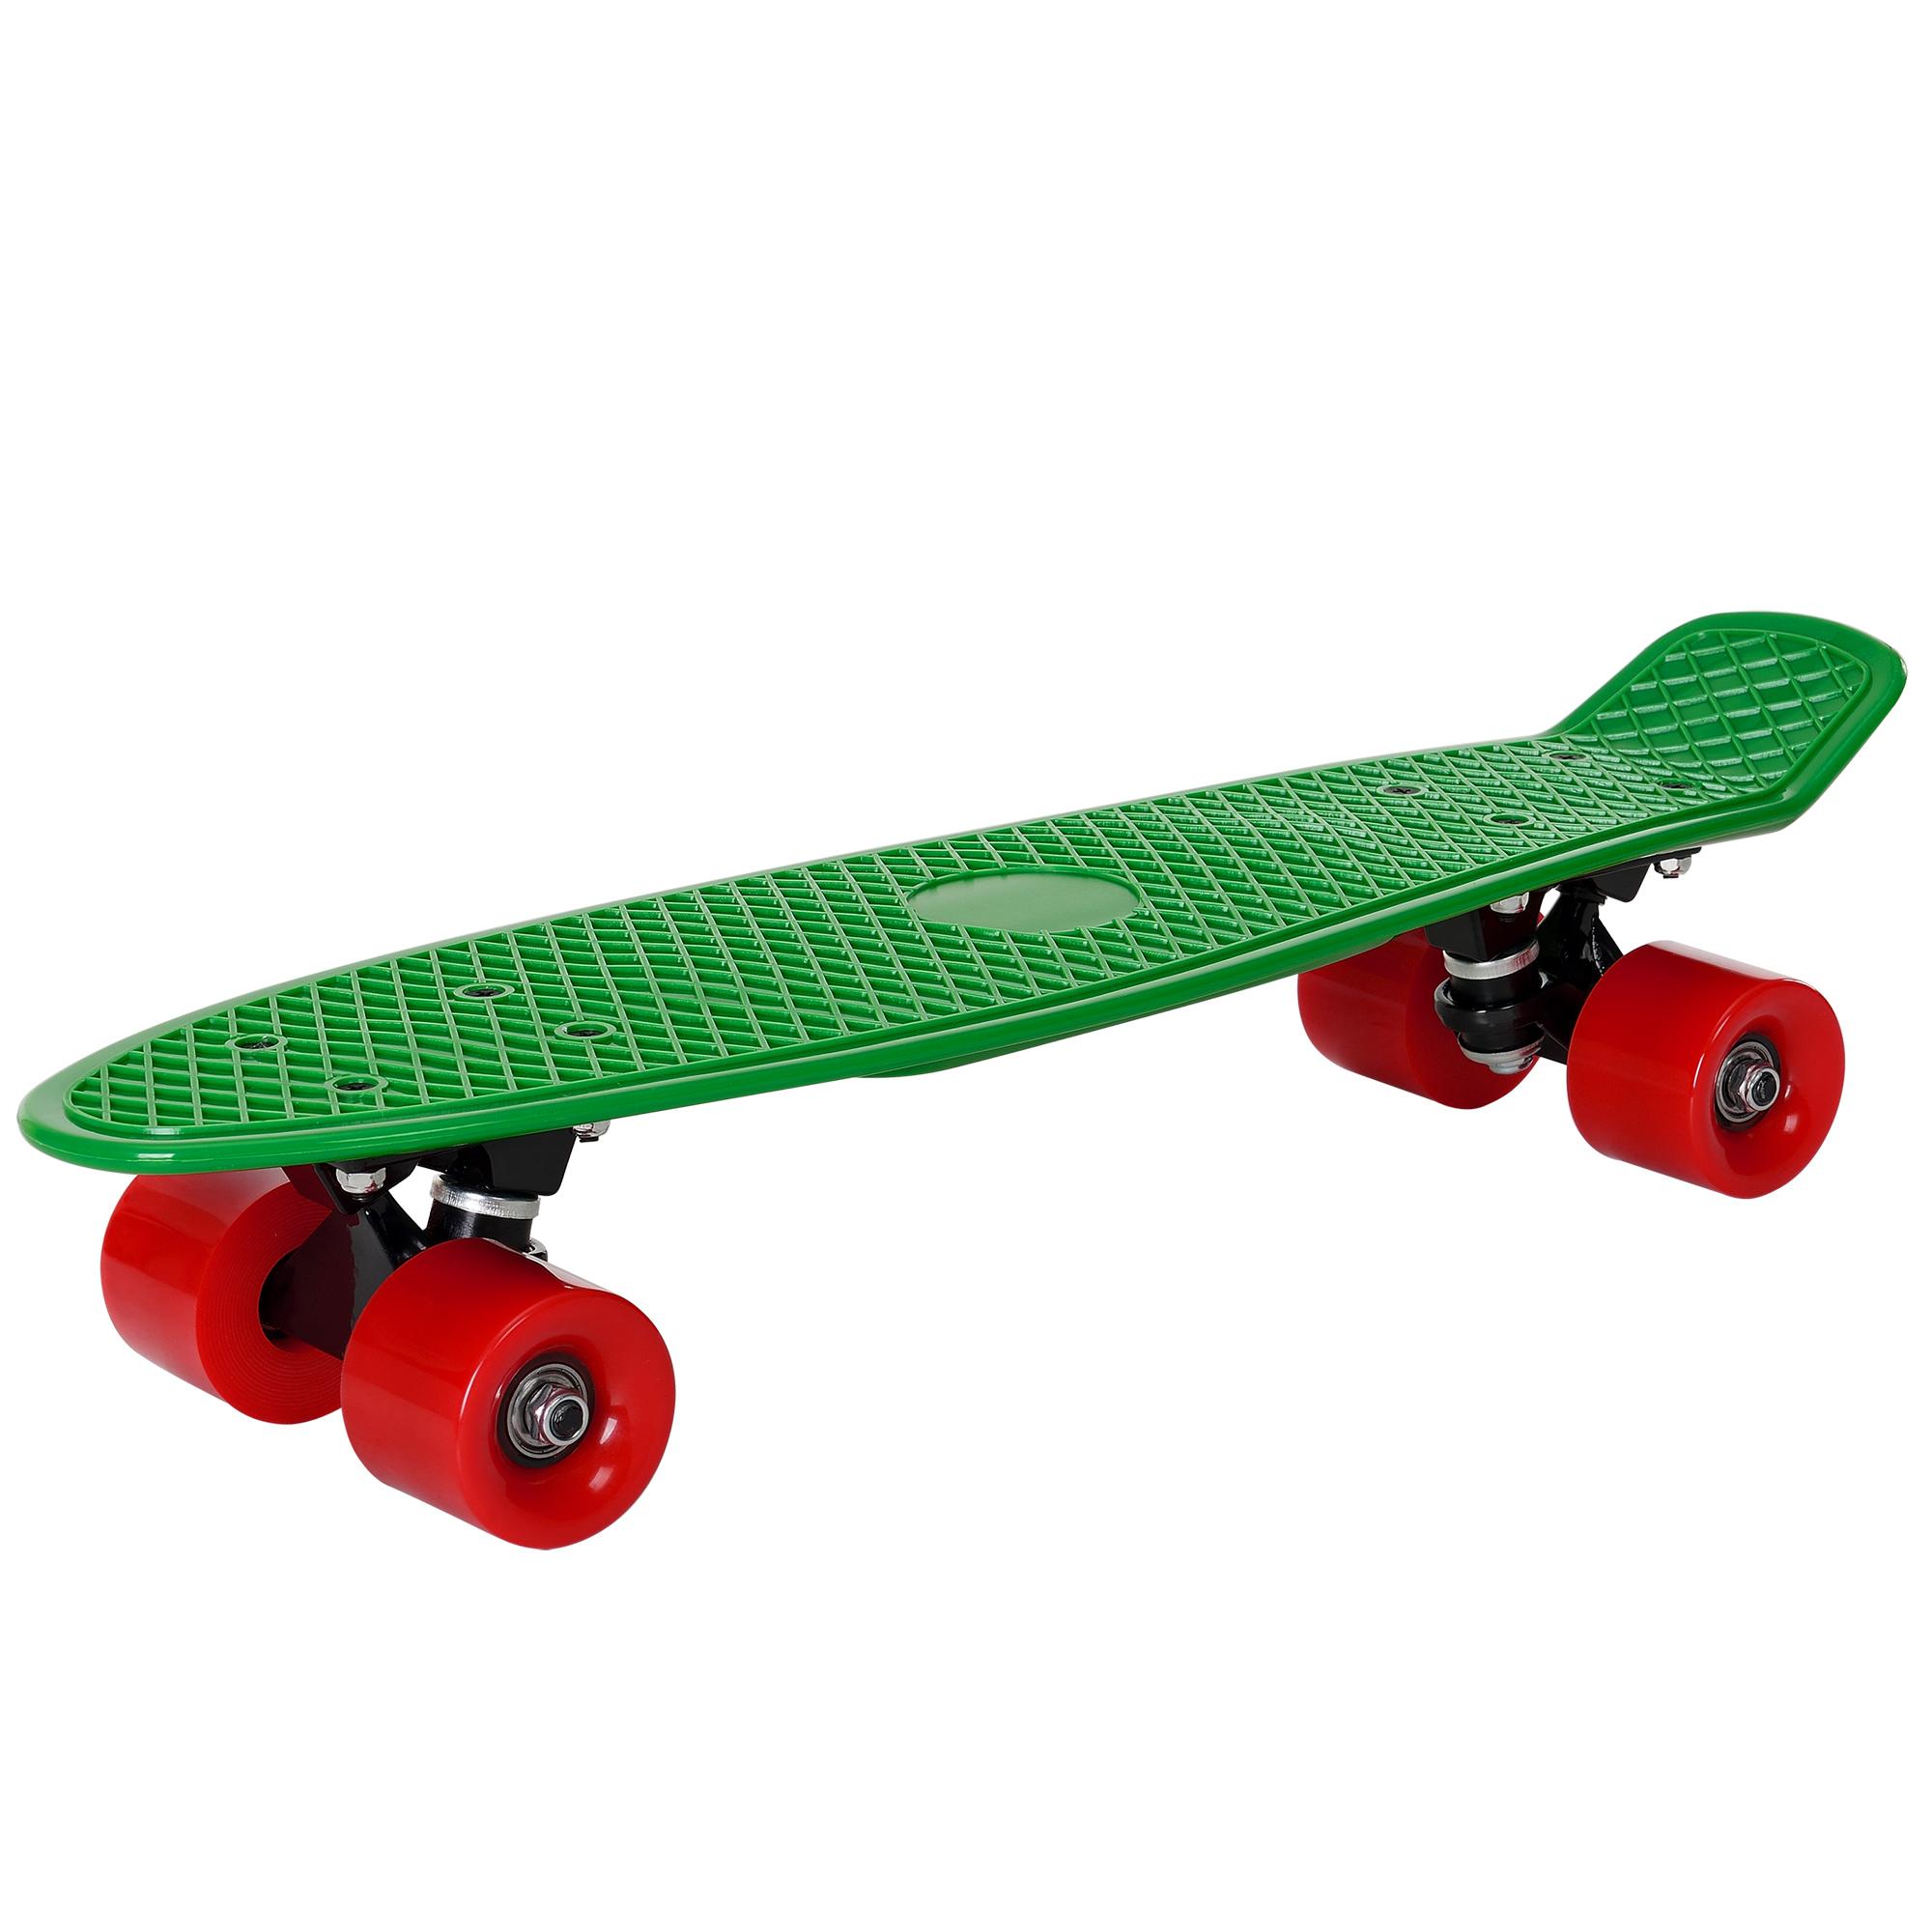 [pro.tec]® Retro Skateboard mini - penny board ABEC 7 - zelené s červenými kolečky